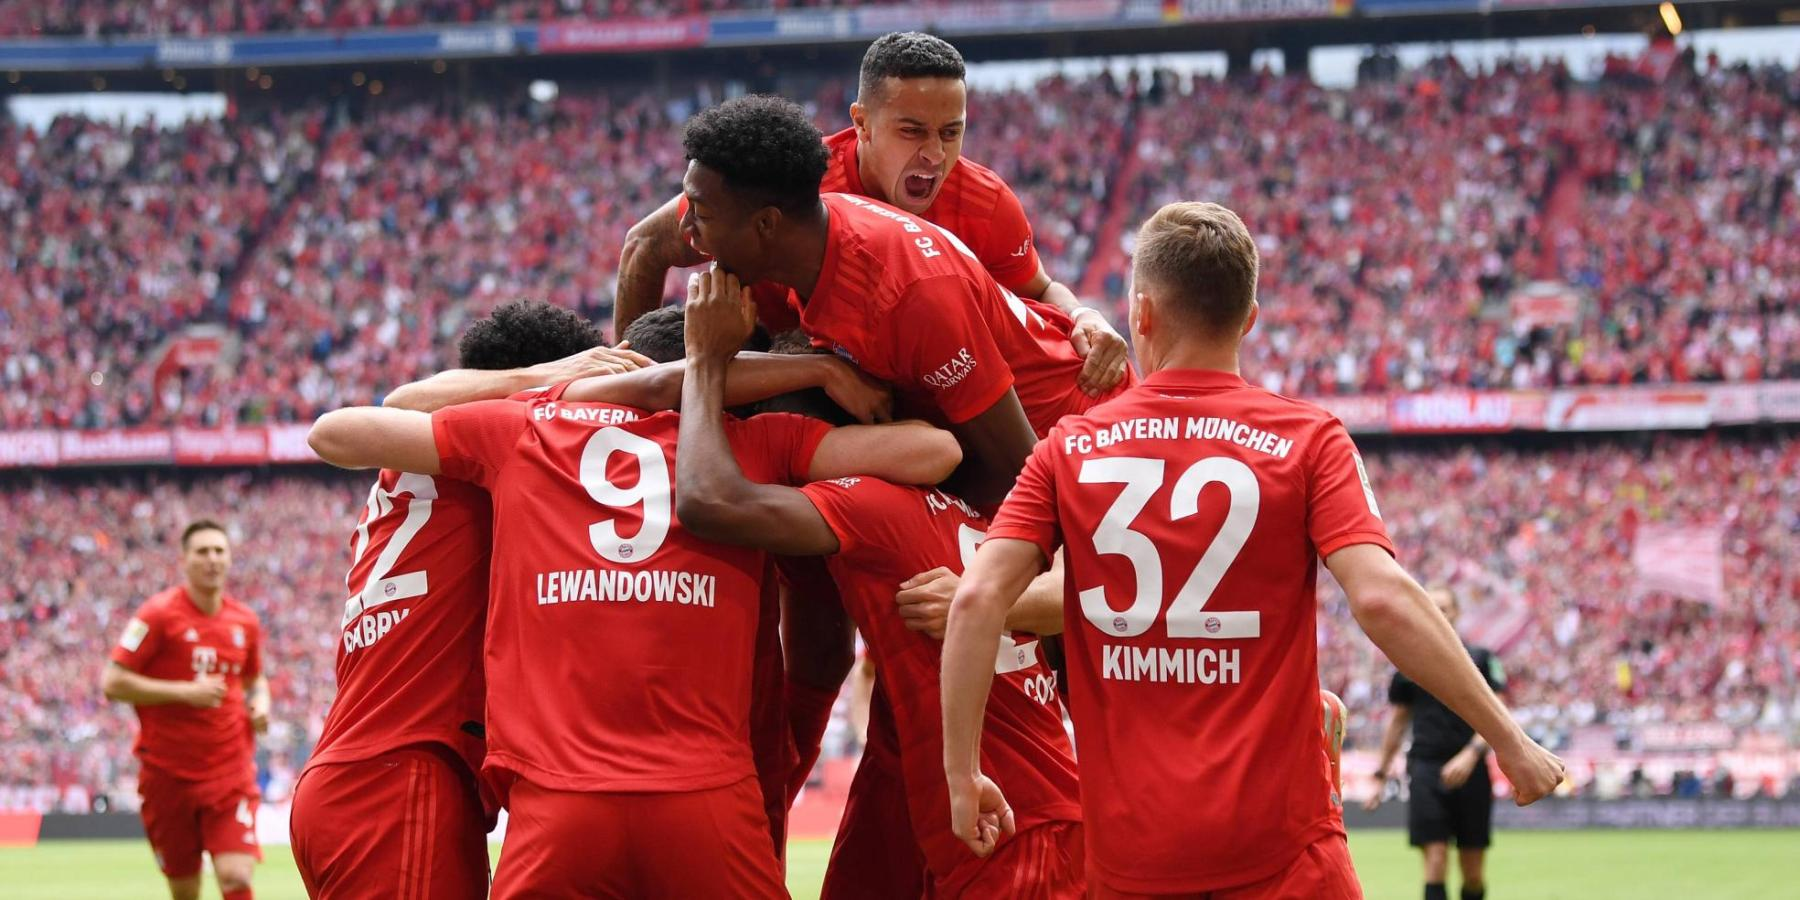 Deutscher Meister Bayern München